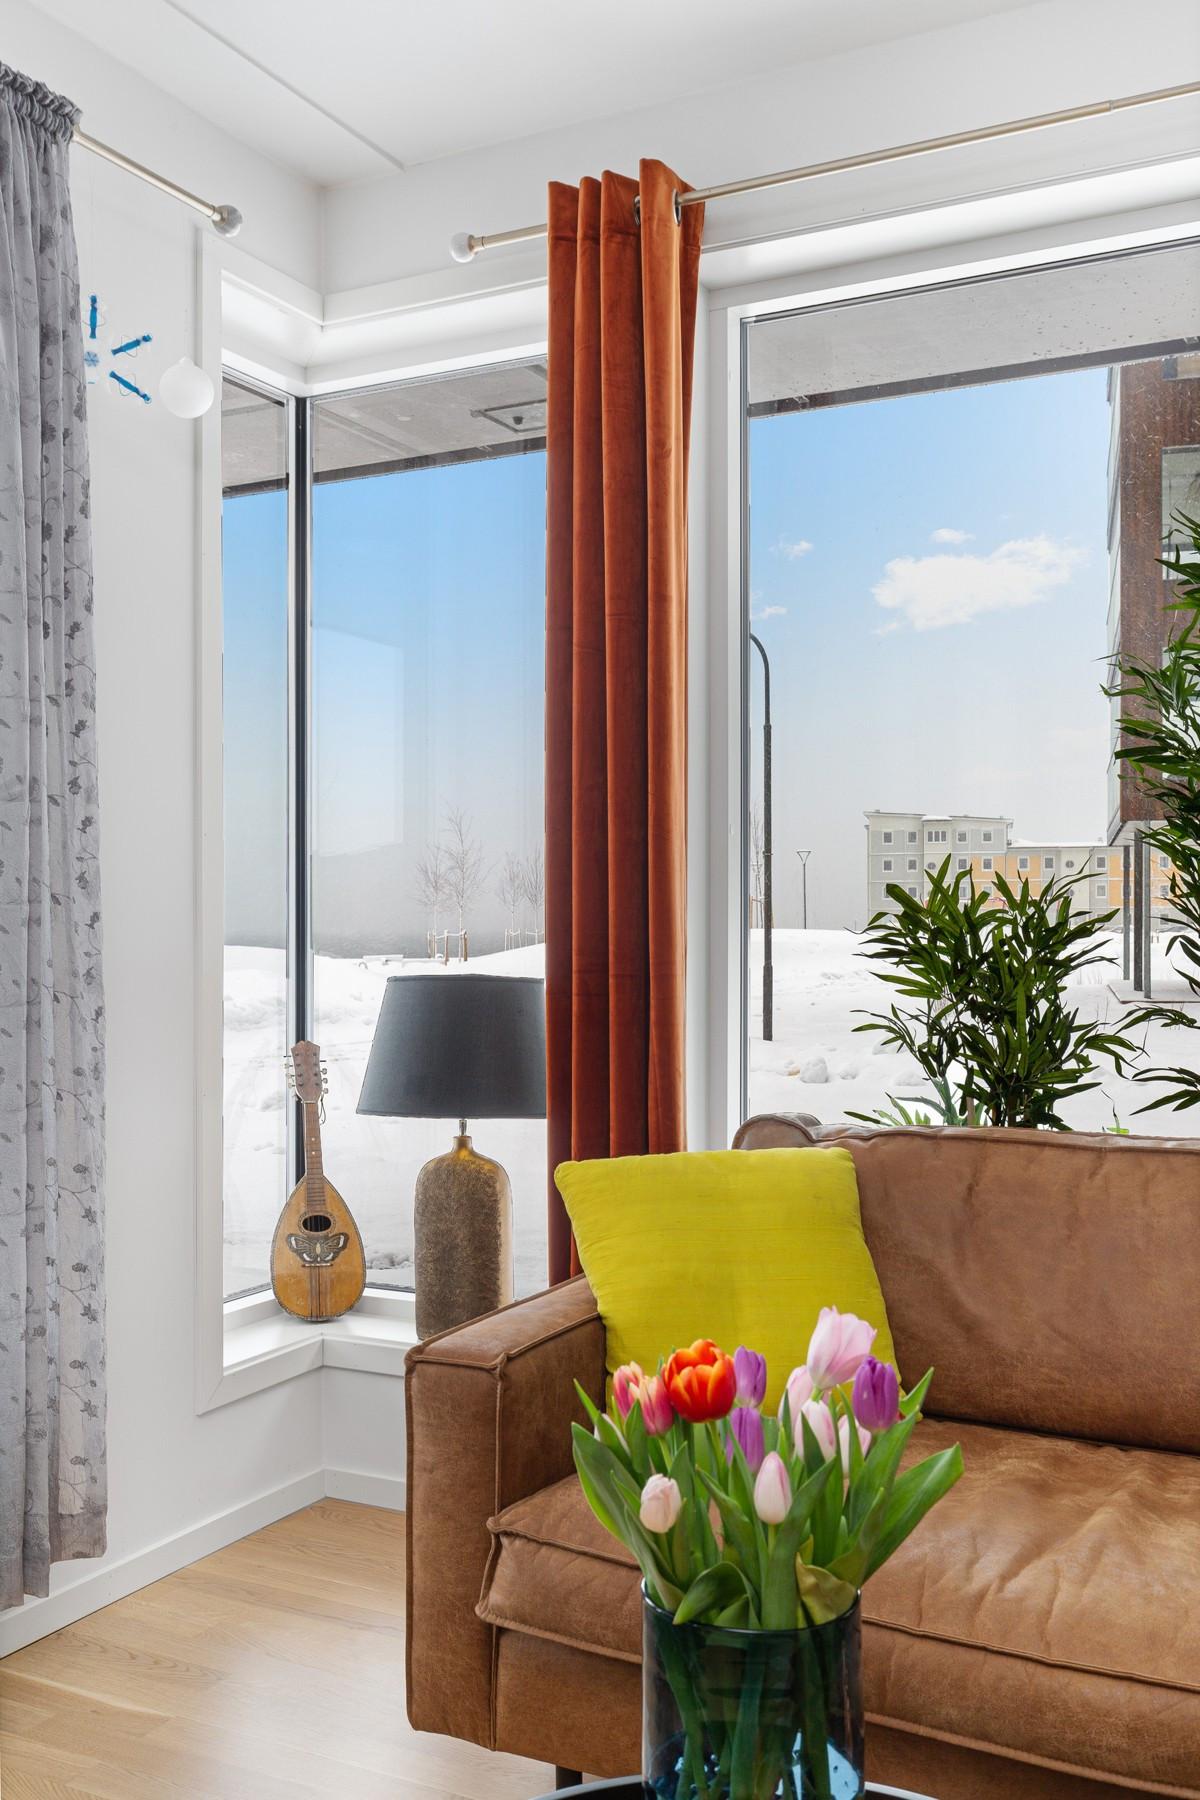 Store vindusflater gir rikelig med lysinnslipp